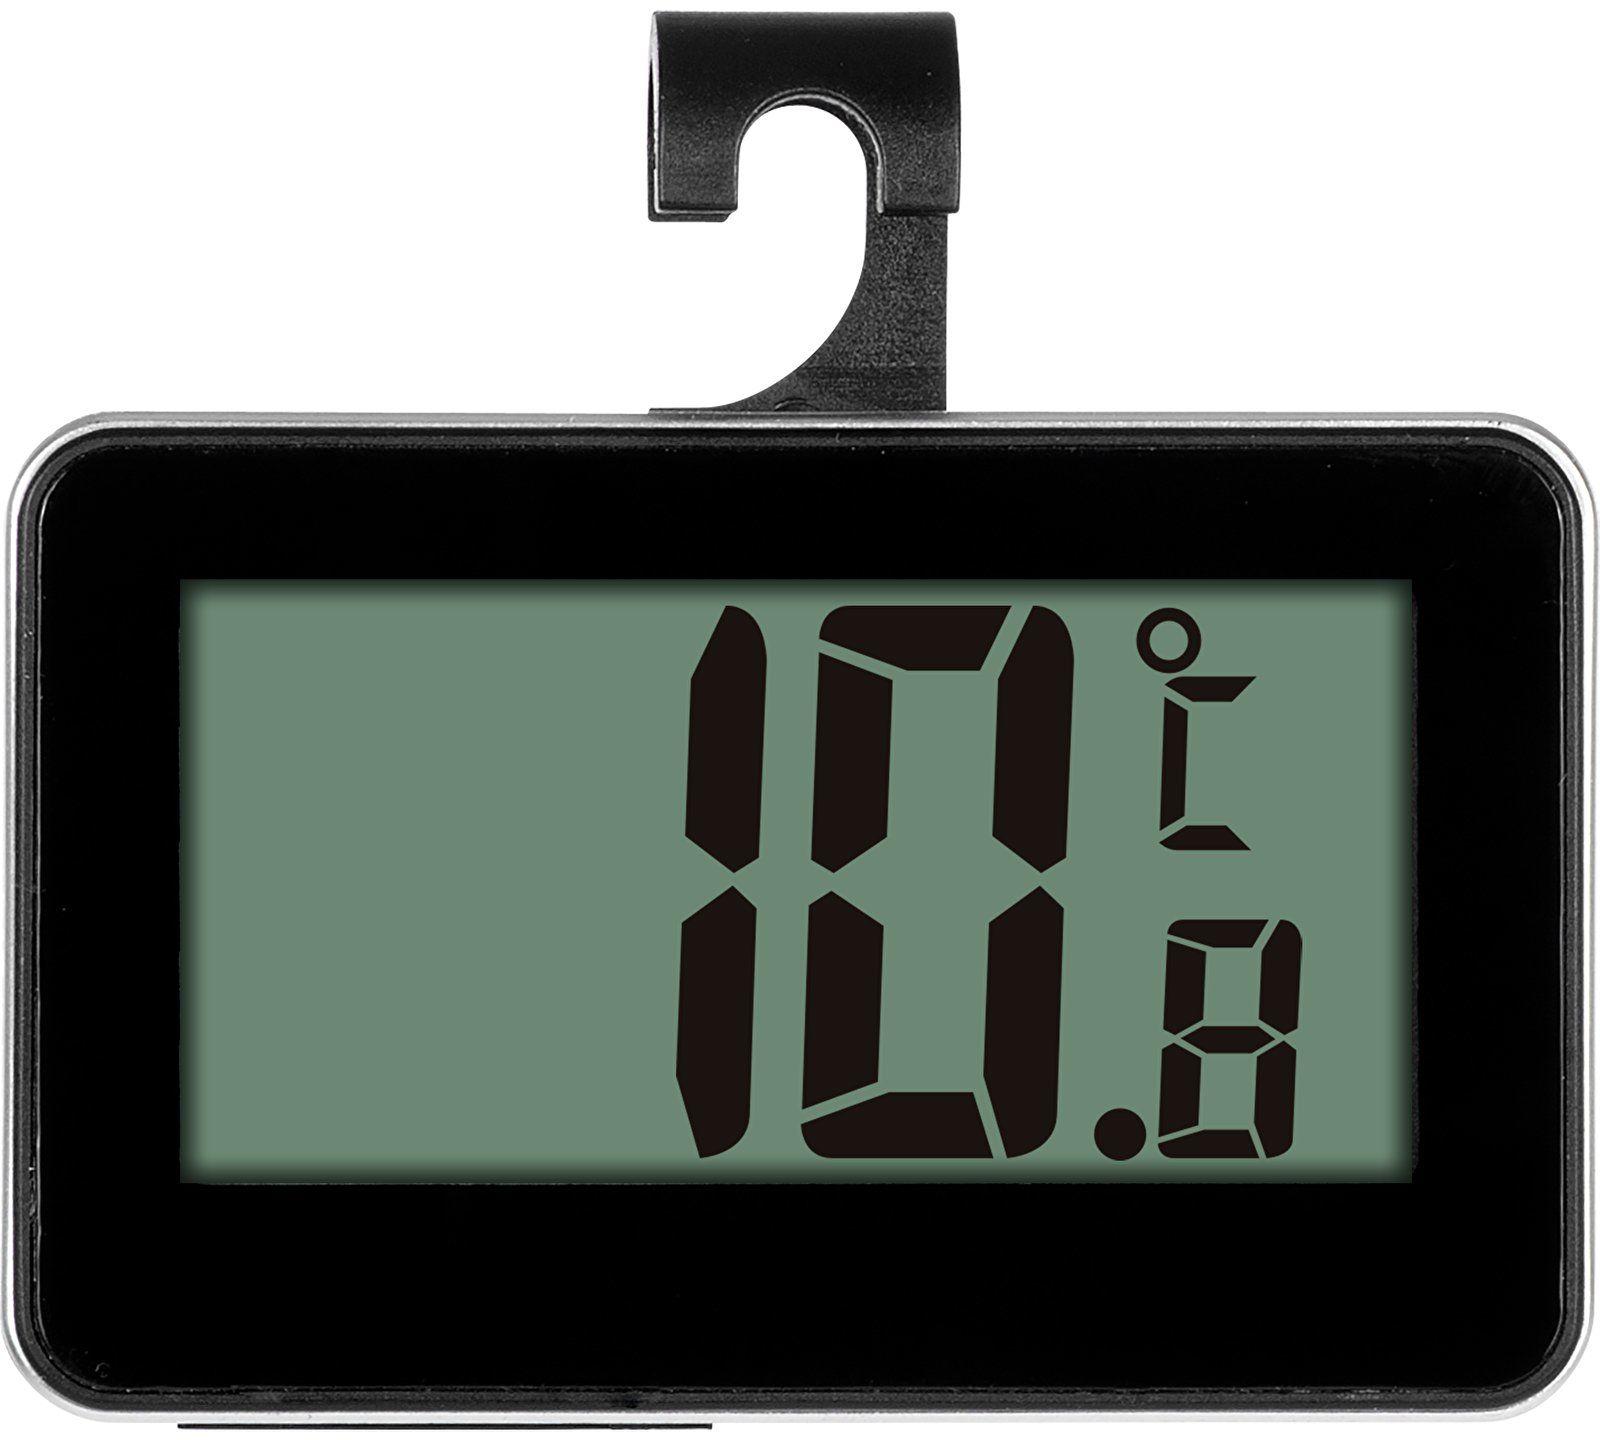 Elektroniczny termometr do lodówki -20 C/+50 C